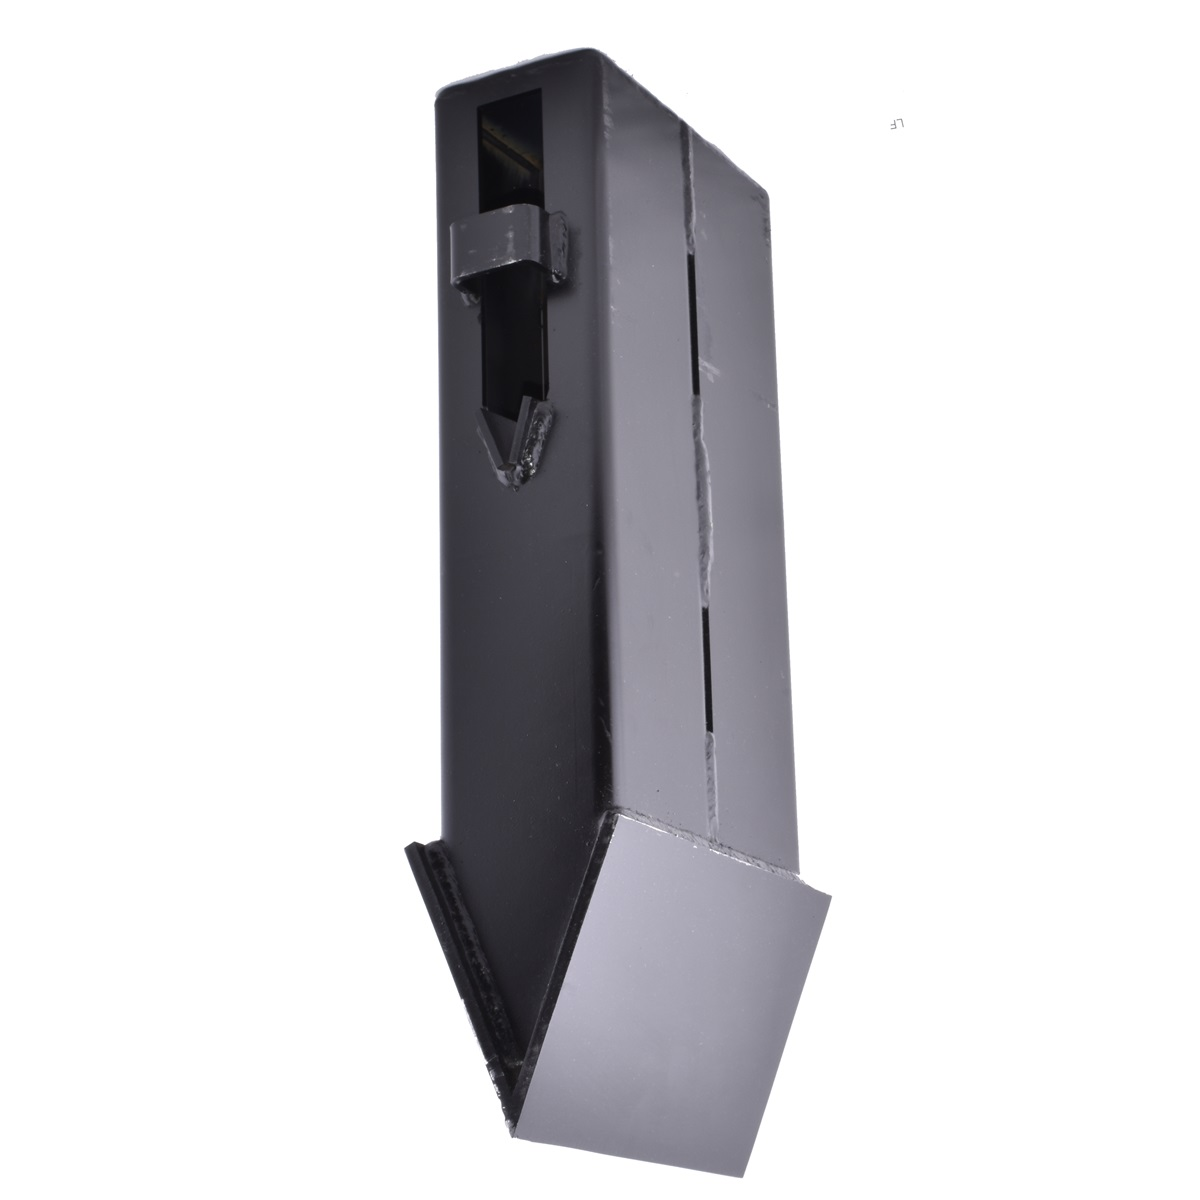 Scheppach profesionálny rozširovaci klin k LF 100 / HL 1200 / HL 1500